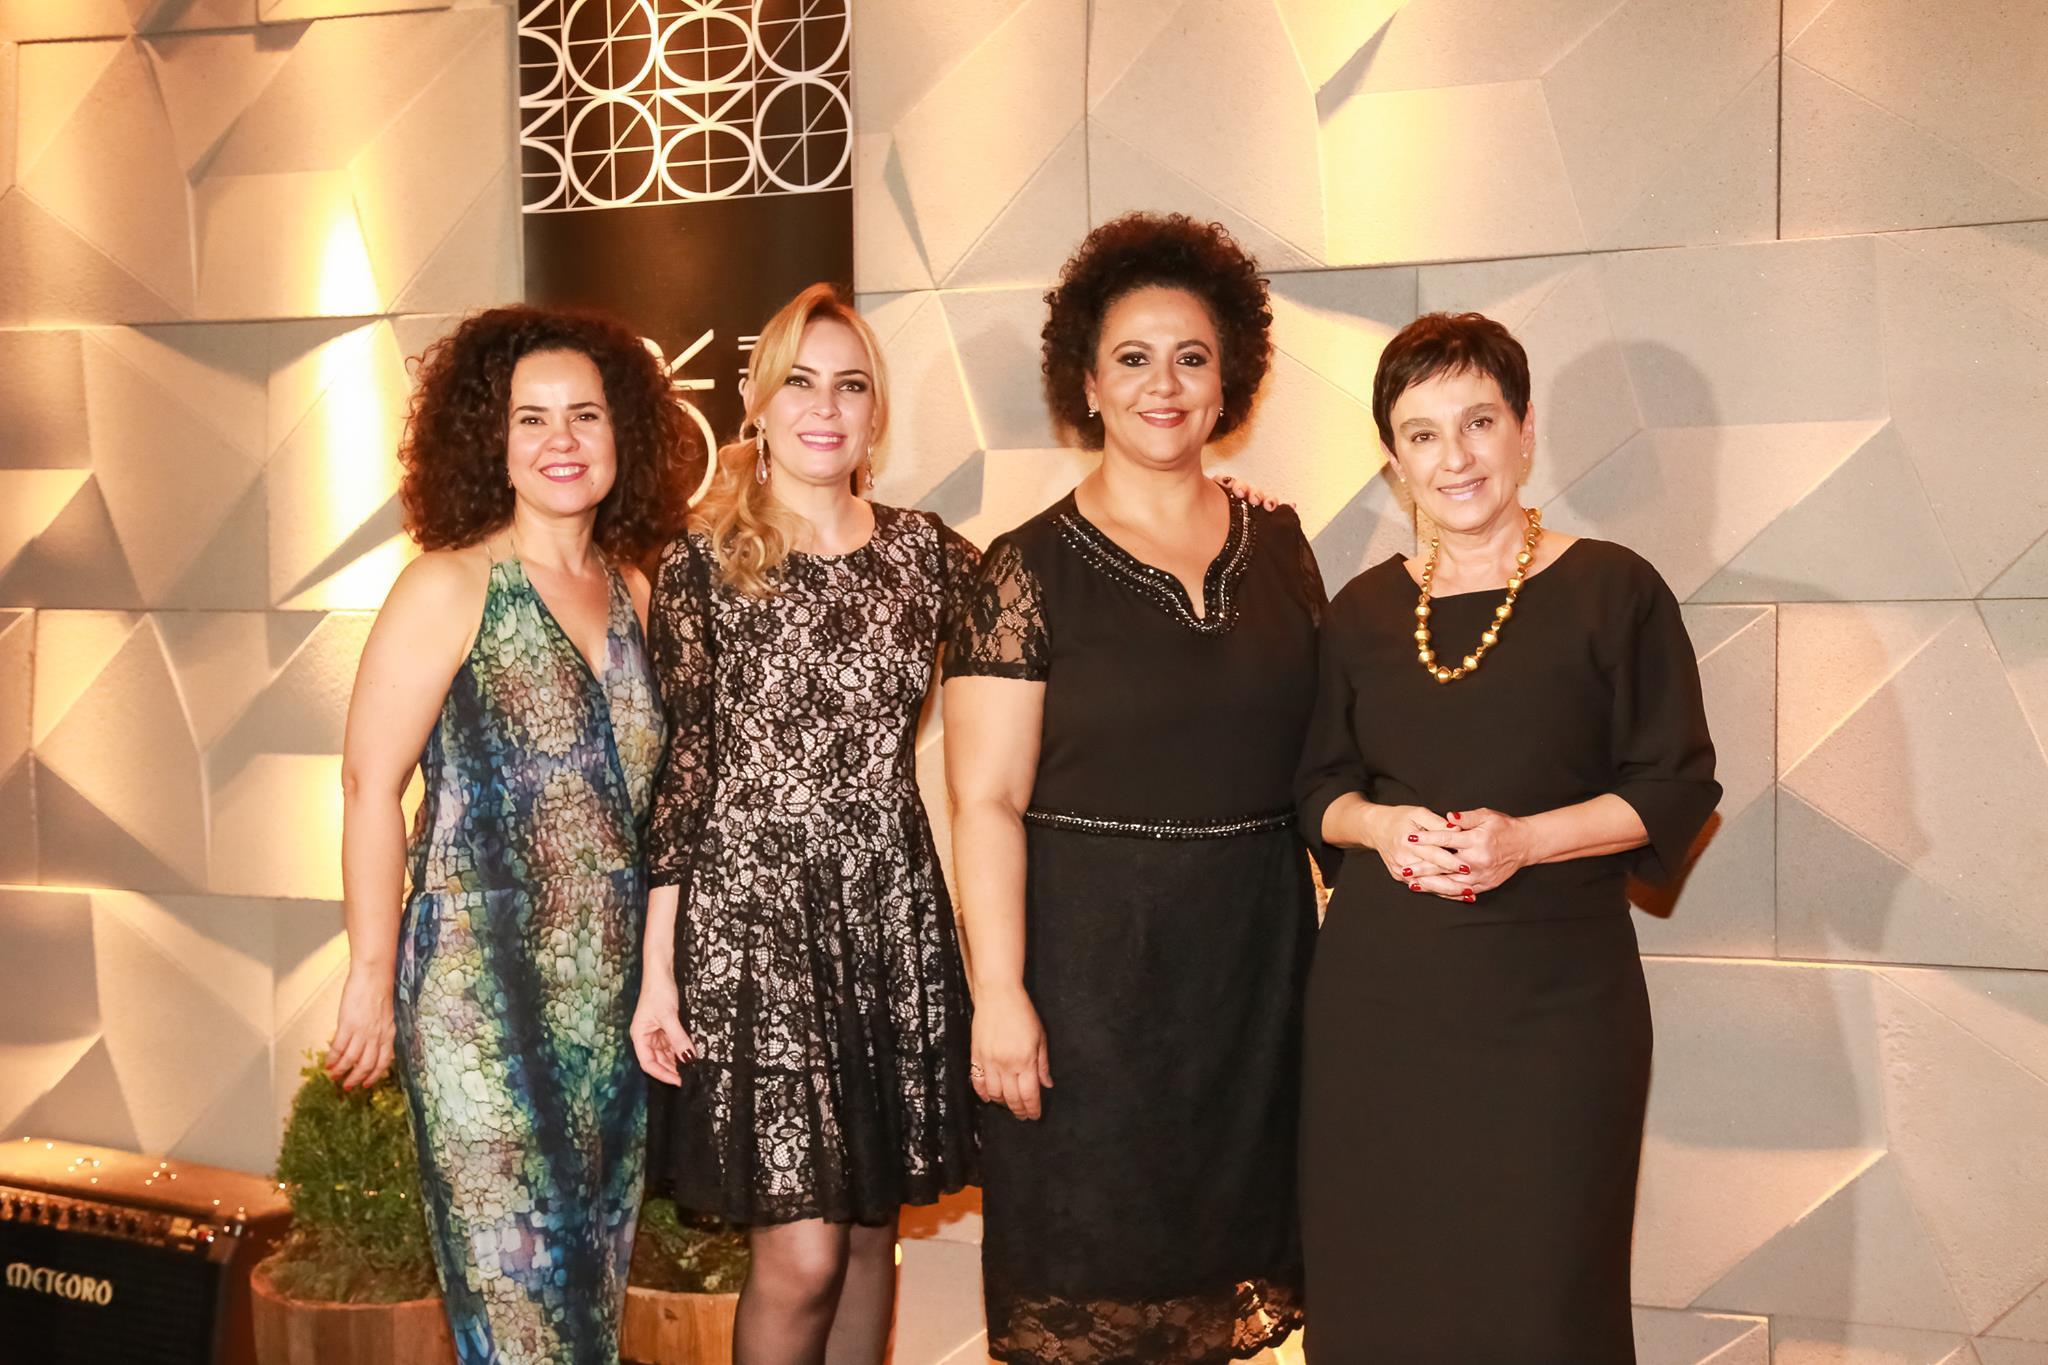 Luciane Mamoré, Tatiana Ratier, Dilma Bernardes, Livia Pedreira